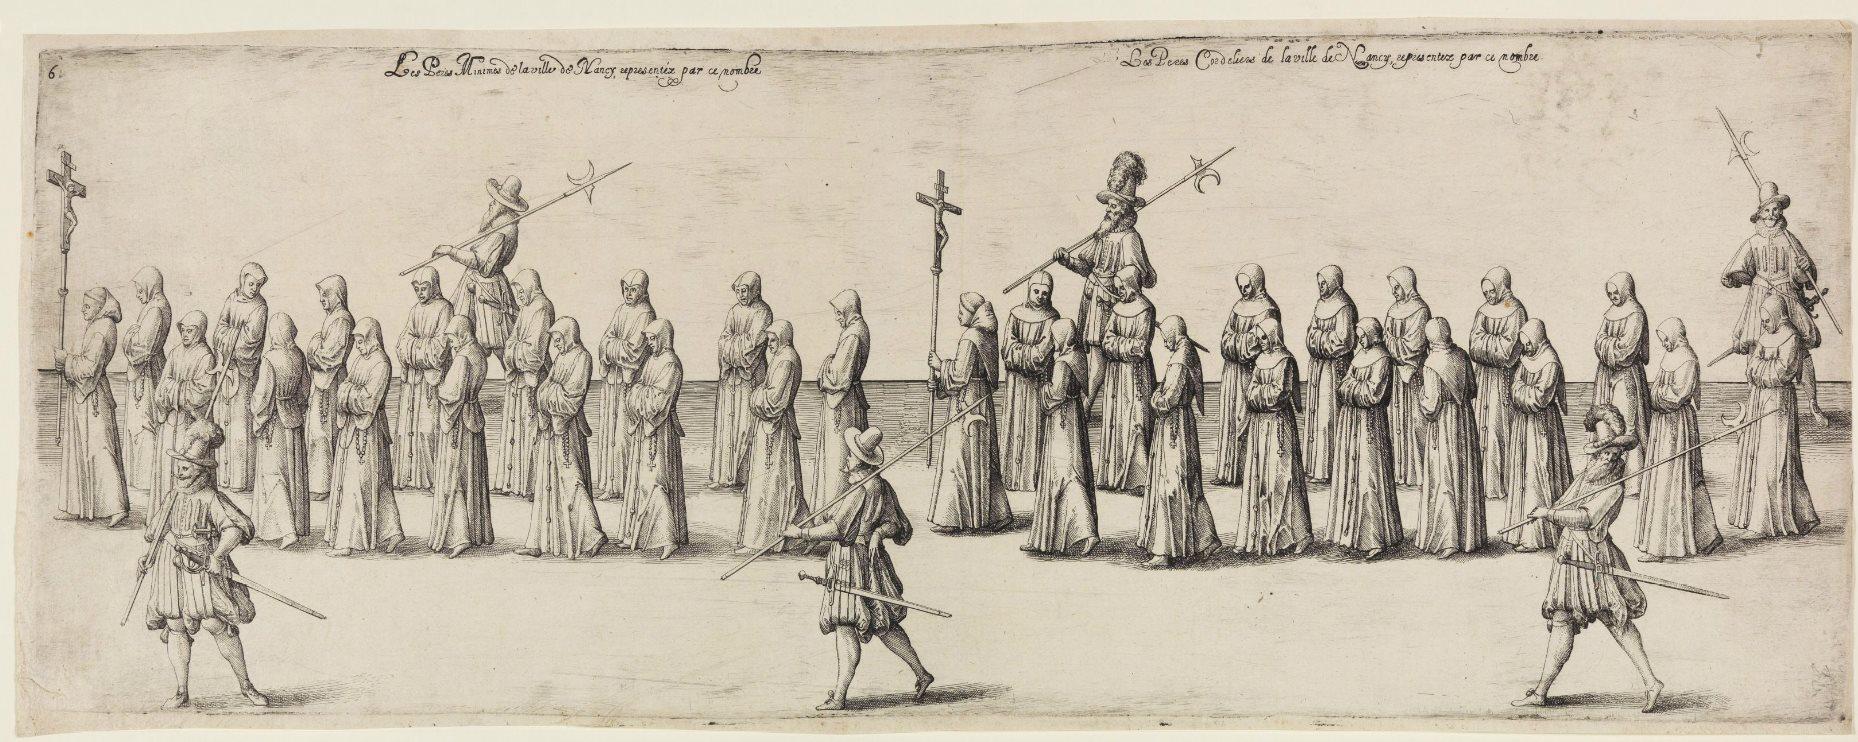 17세기의 롱소드 패용